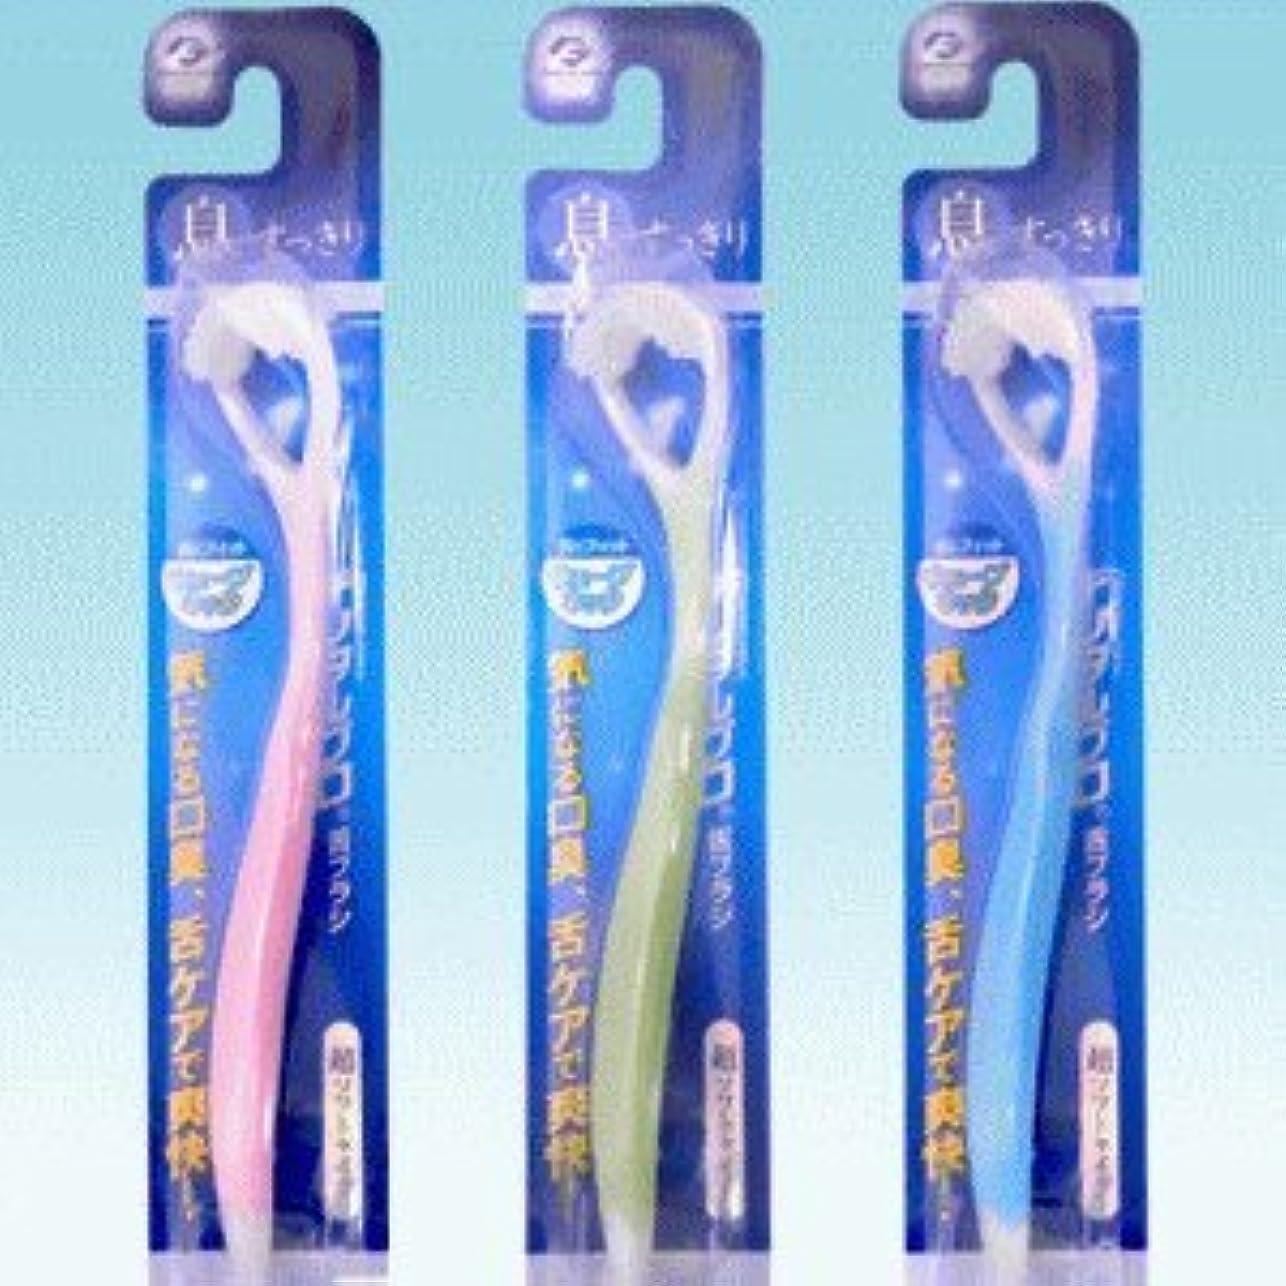 汚す過ちベーコンデンタルプロ 舌ブラシ 3本セット ( ピンク ブルー イエロー 各1本ずつ)